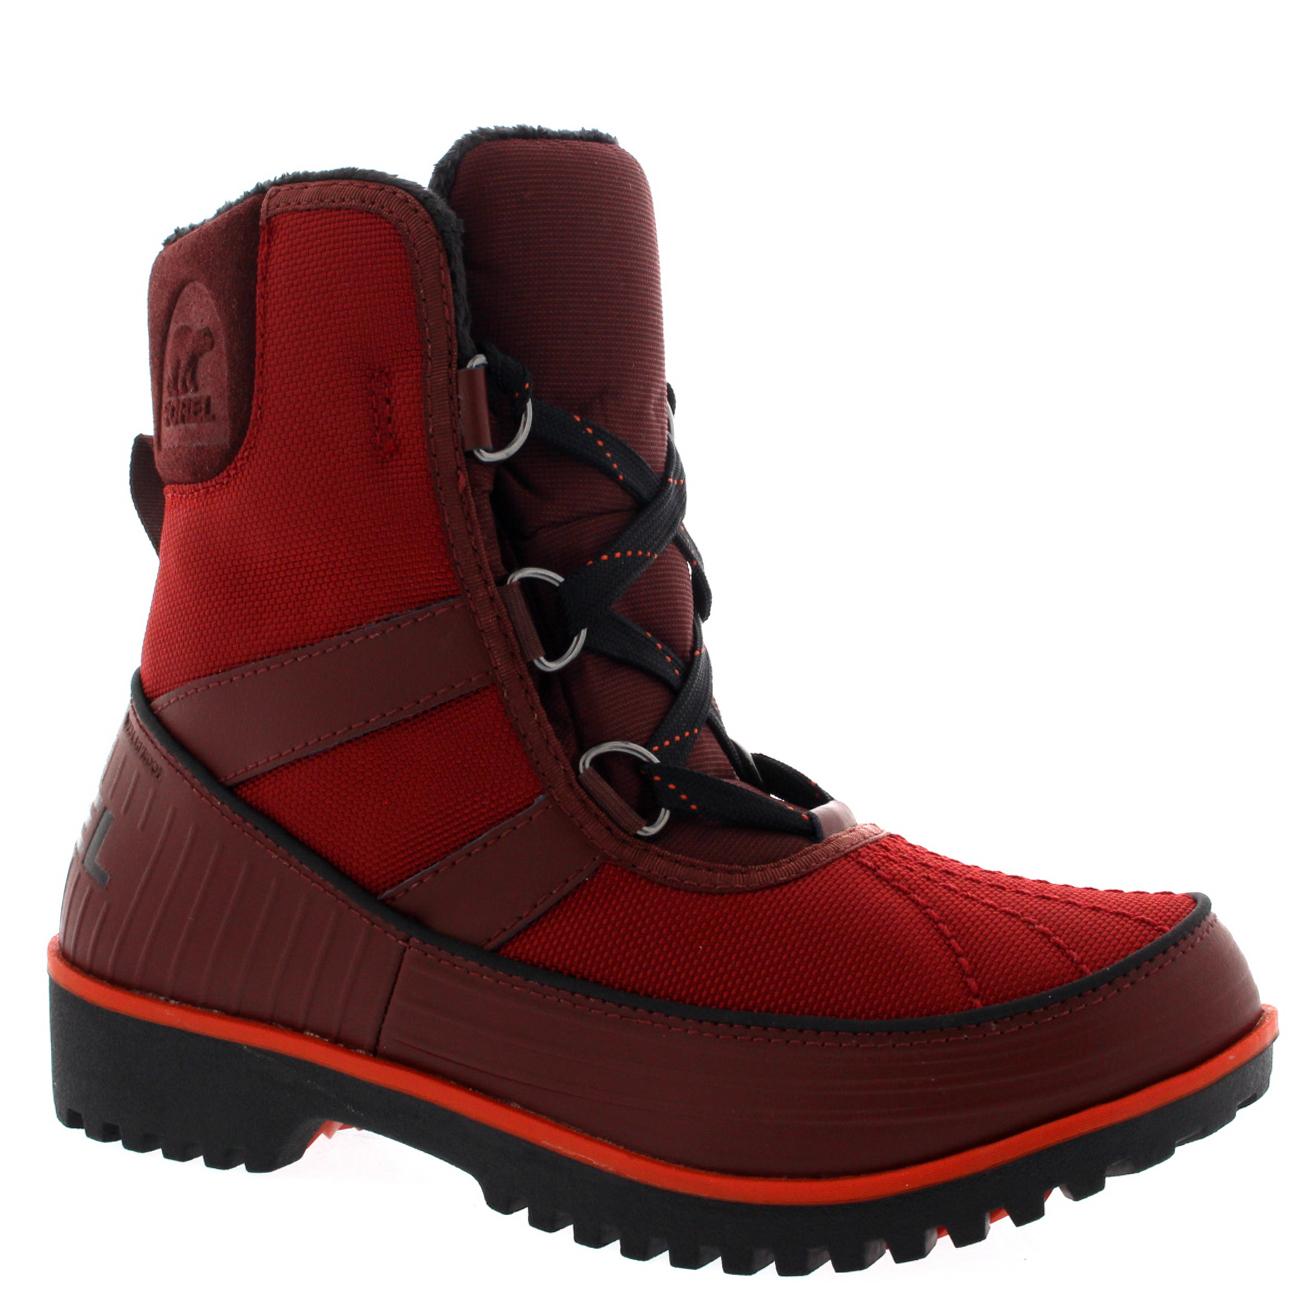 Zapatos especiales con descuento Ladies Sorel Tivoli II Casual Winter Snow Fur Suede Warm Mid Calf Boot All Sizes